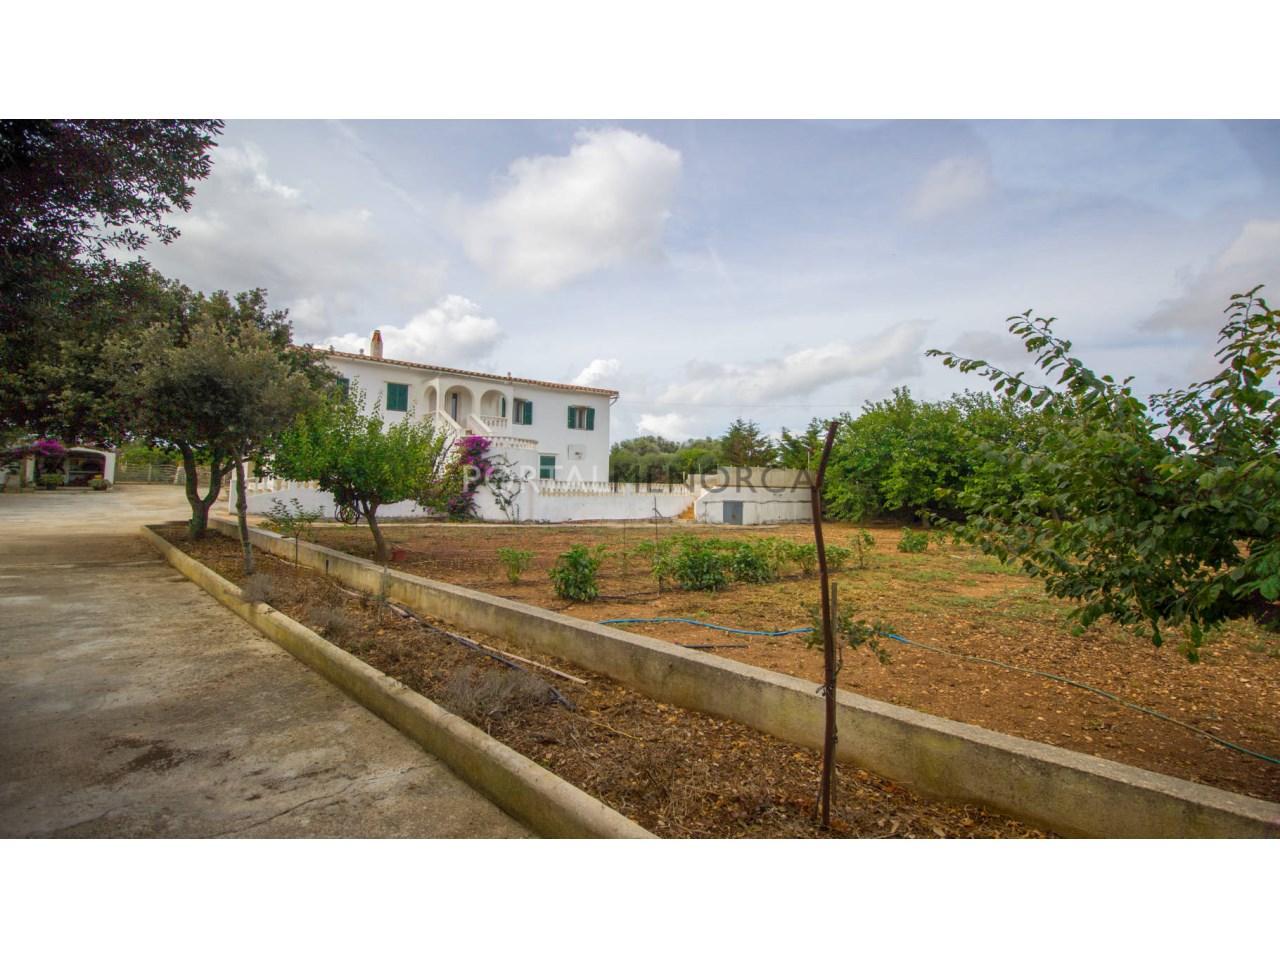 Casa de campo con gran terreno en venta en Alaior